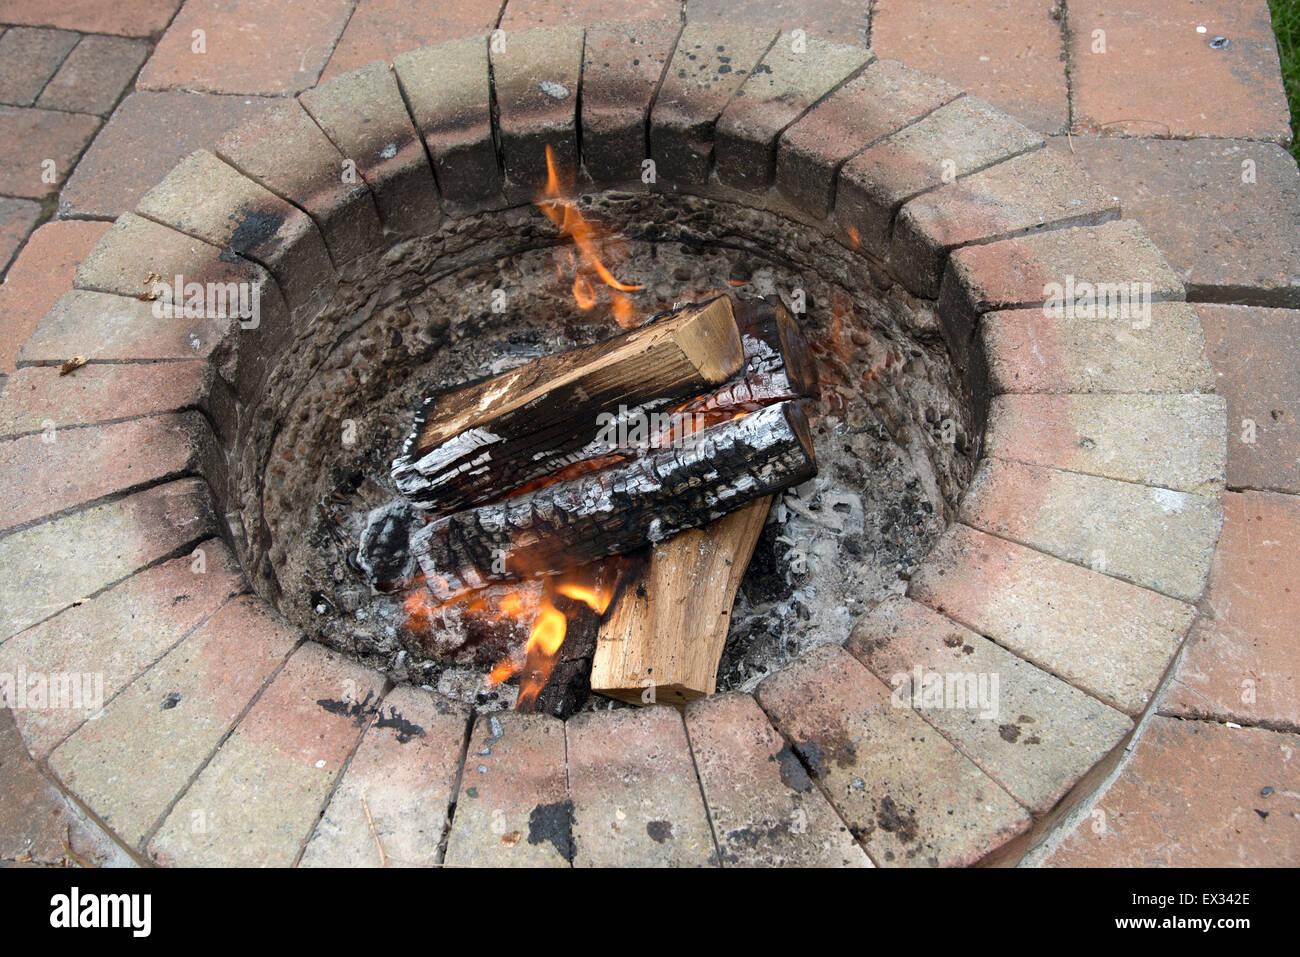 verbrennung von holz in einem garten feuerstelle fast fertig kochen